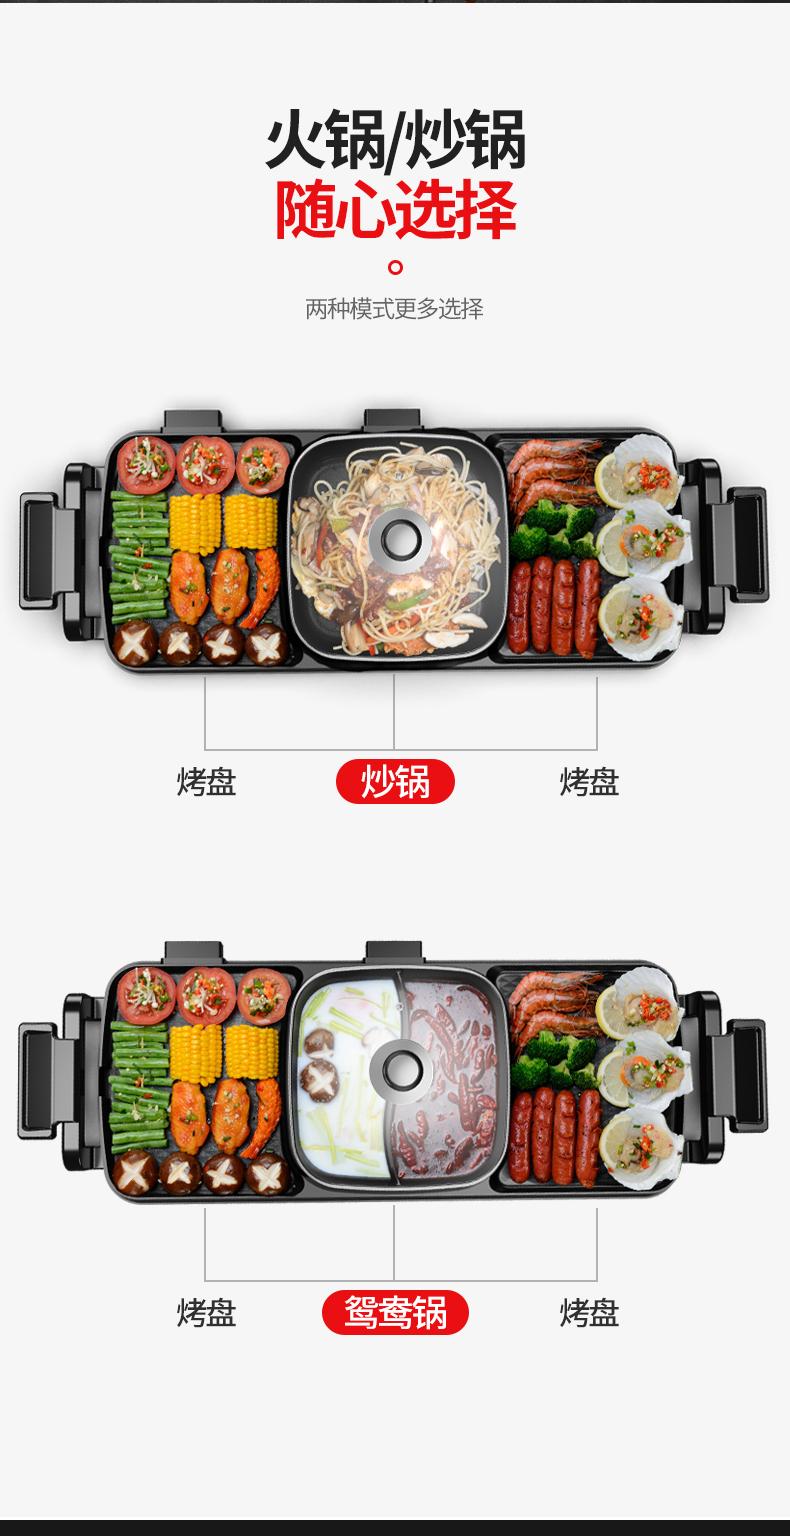 火锅烧烤一体锅家用炉烤肉盘电烤盘多功能两用韩式无烟涮烤机鸳鸯